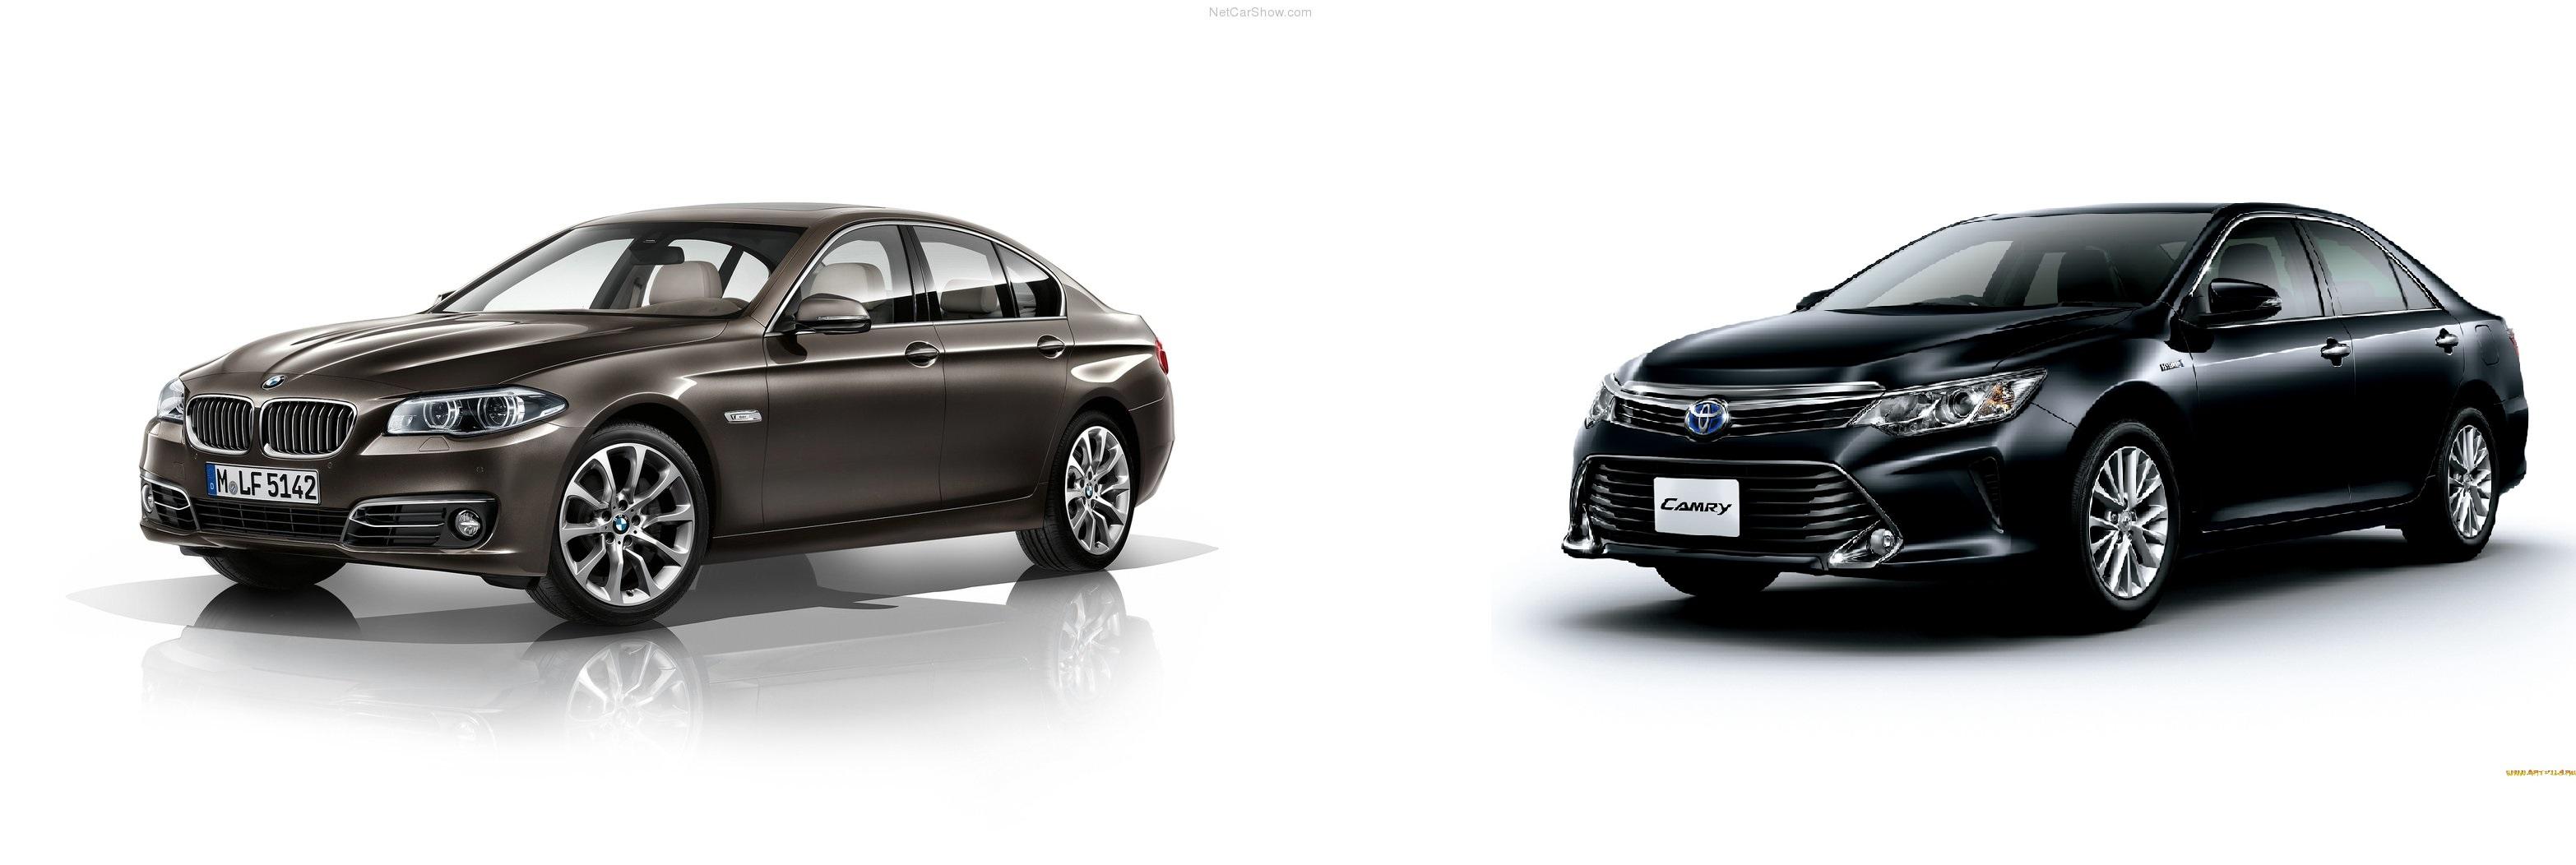 BMW-5-Series_2014_1600x1200_wallpaper_63